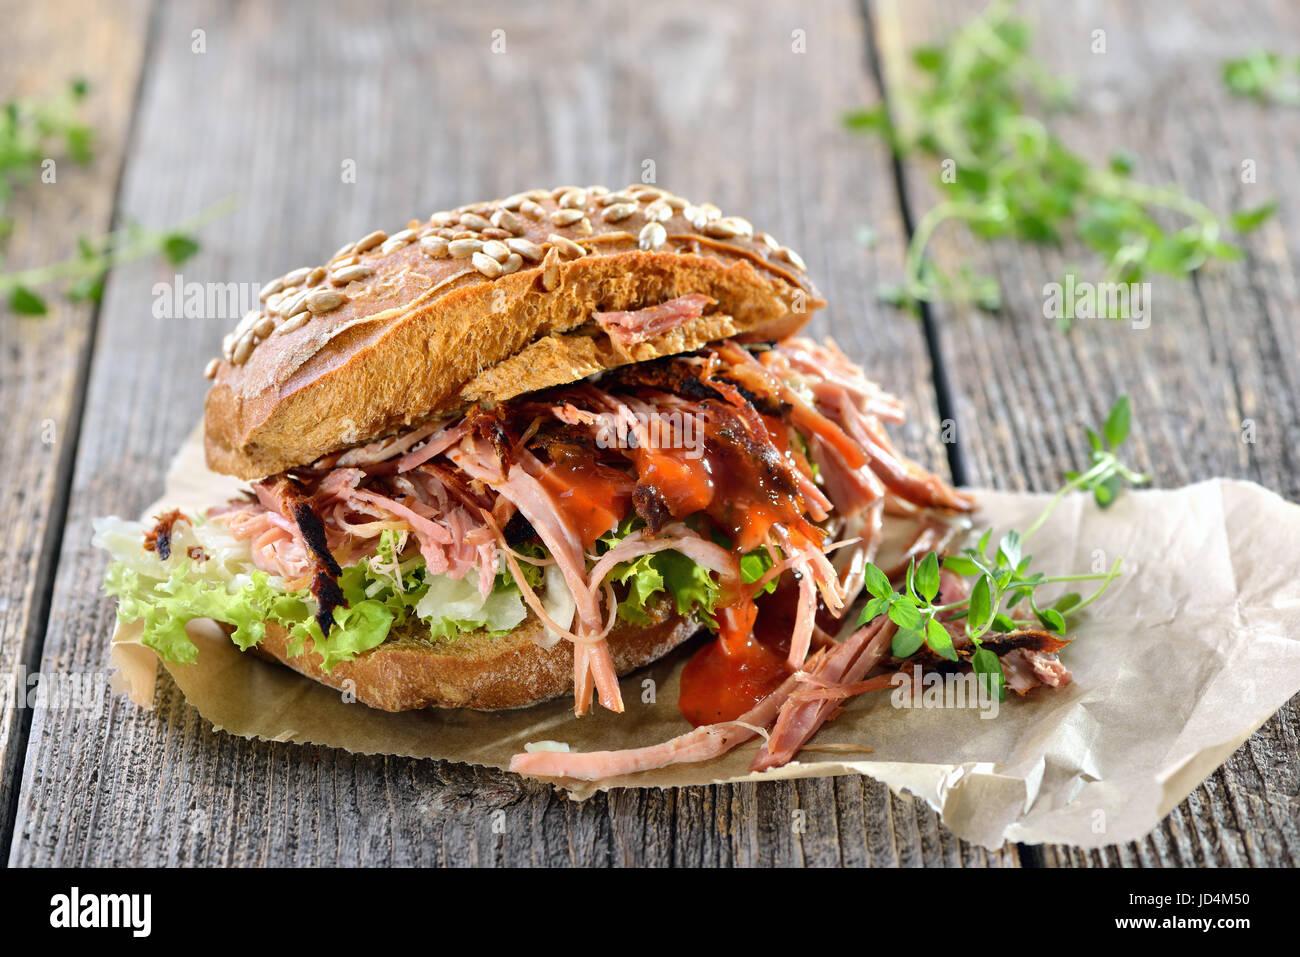 Comida en la calle: carne de cerdo barbacoa sandwich integrales con coleslaw, salsa barbacoa caliente servido en Foto de stock